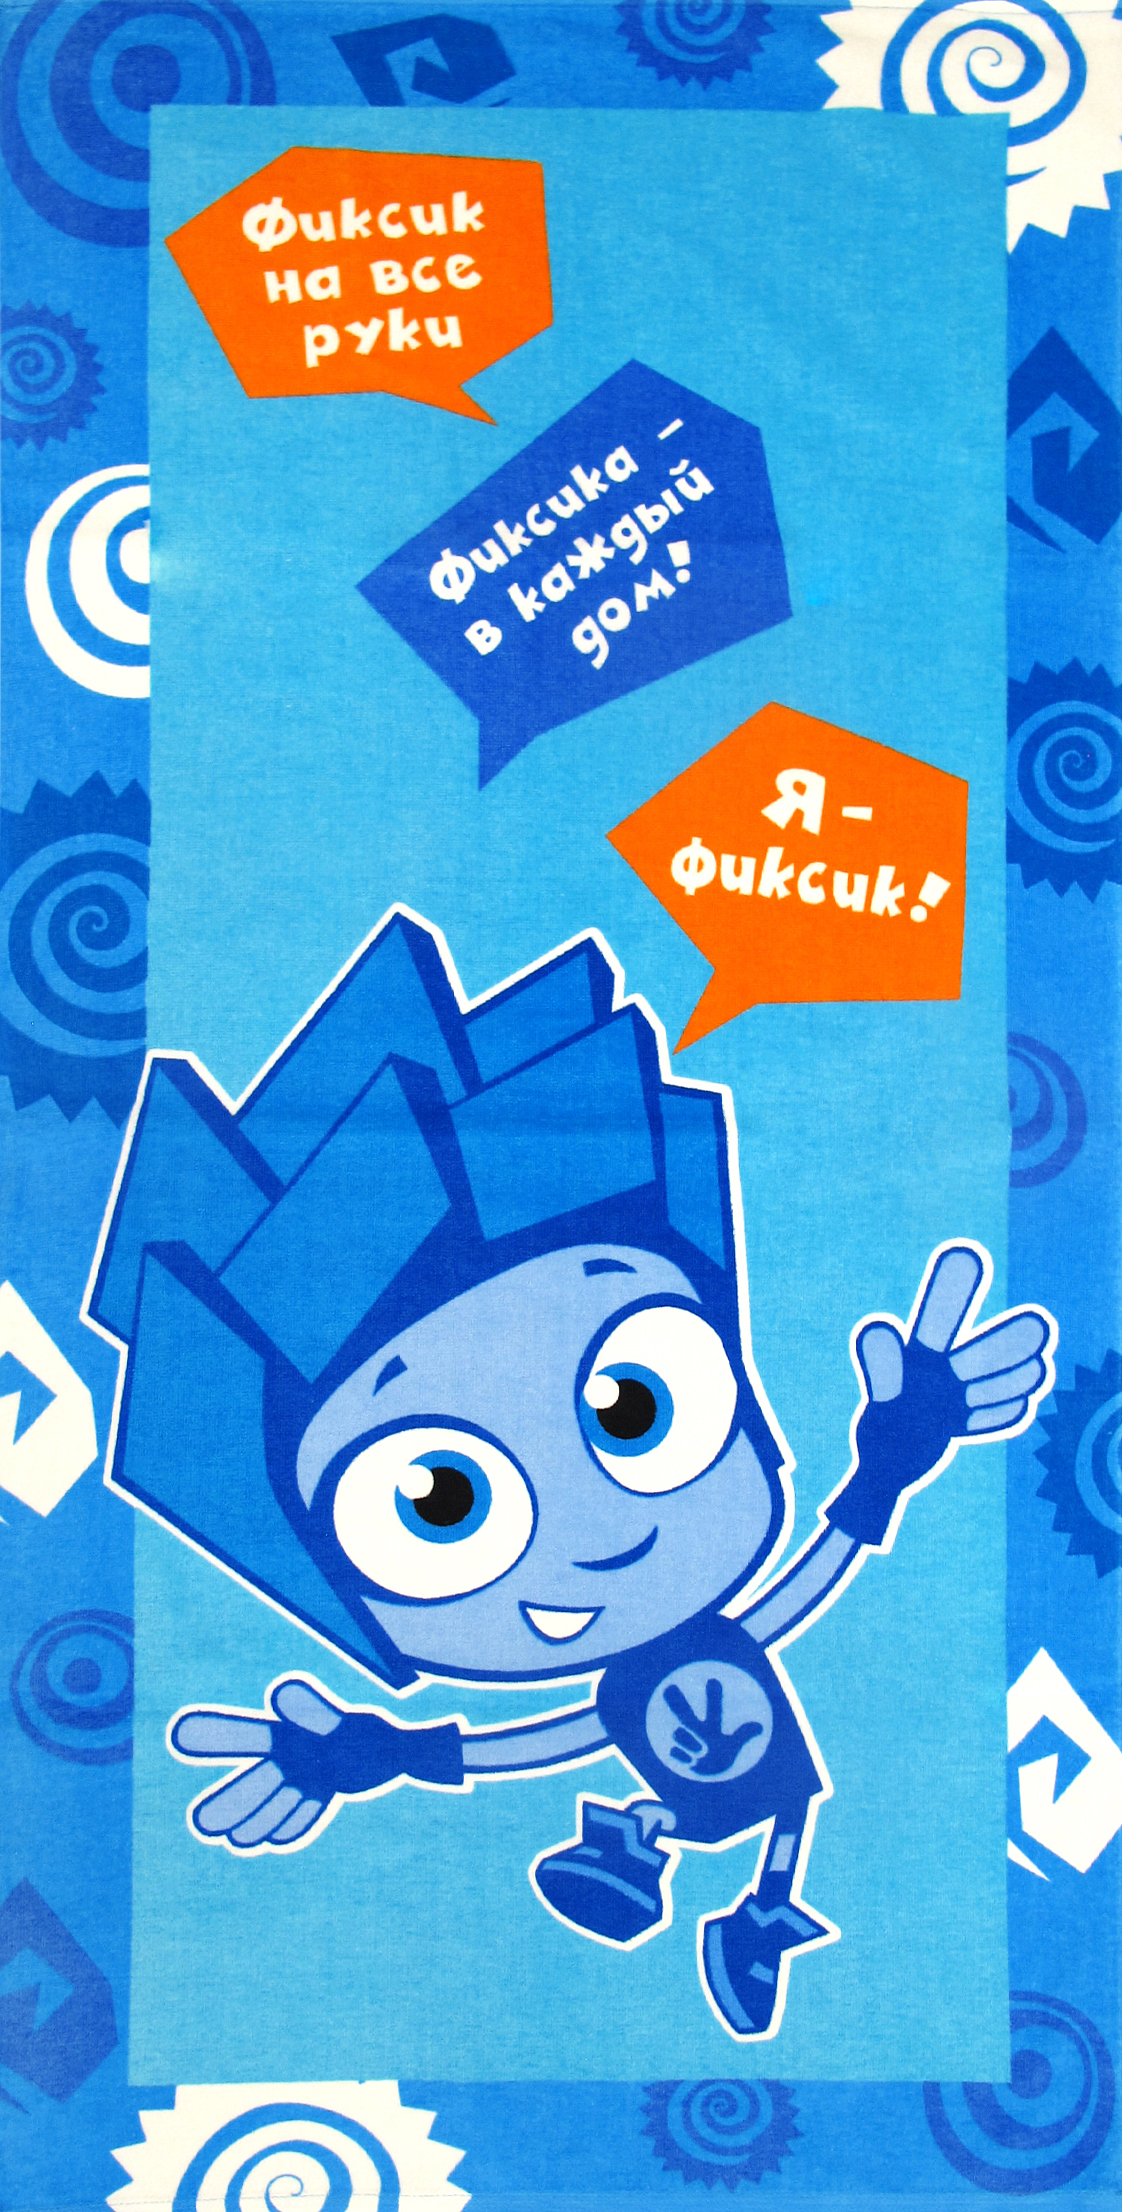 Полотенце махровое Bravo Фиксики. Нолик, цвет: голубой, 60 х 120 см. м1079_01 M полотенце махровое bravo фиксики нолик цвет голубой 60 х 120 см м1079 01 m